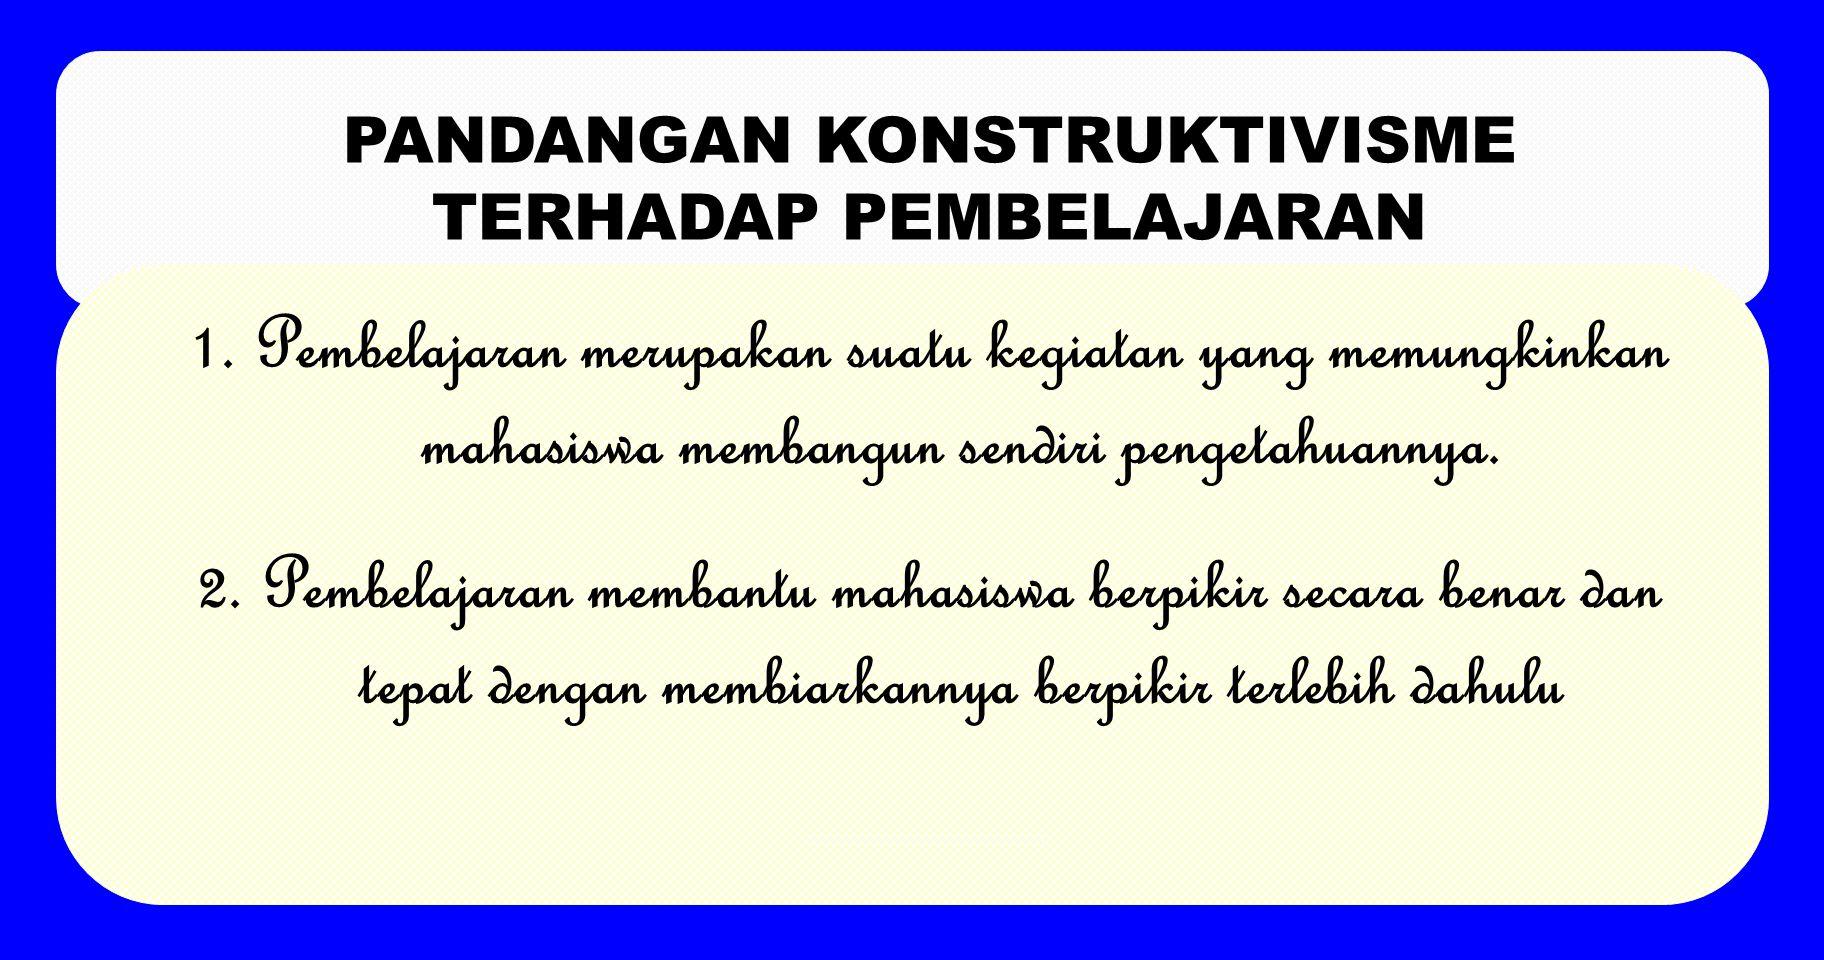 PERAN MAHASISWA DALAM PEMBELAJARAN MENURUT KONSTRUKTIVISME 1.Belajar bagi mahasiswa merupakan proses berkembangnya pemikiran hingga kerangka pengertia